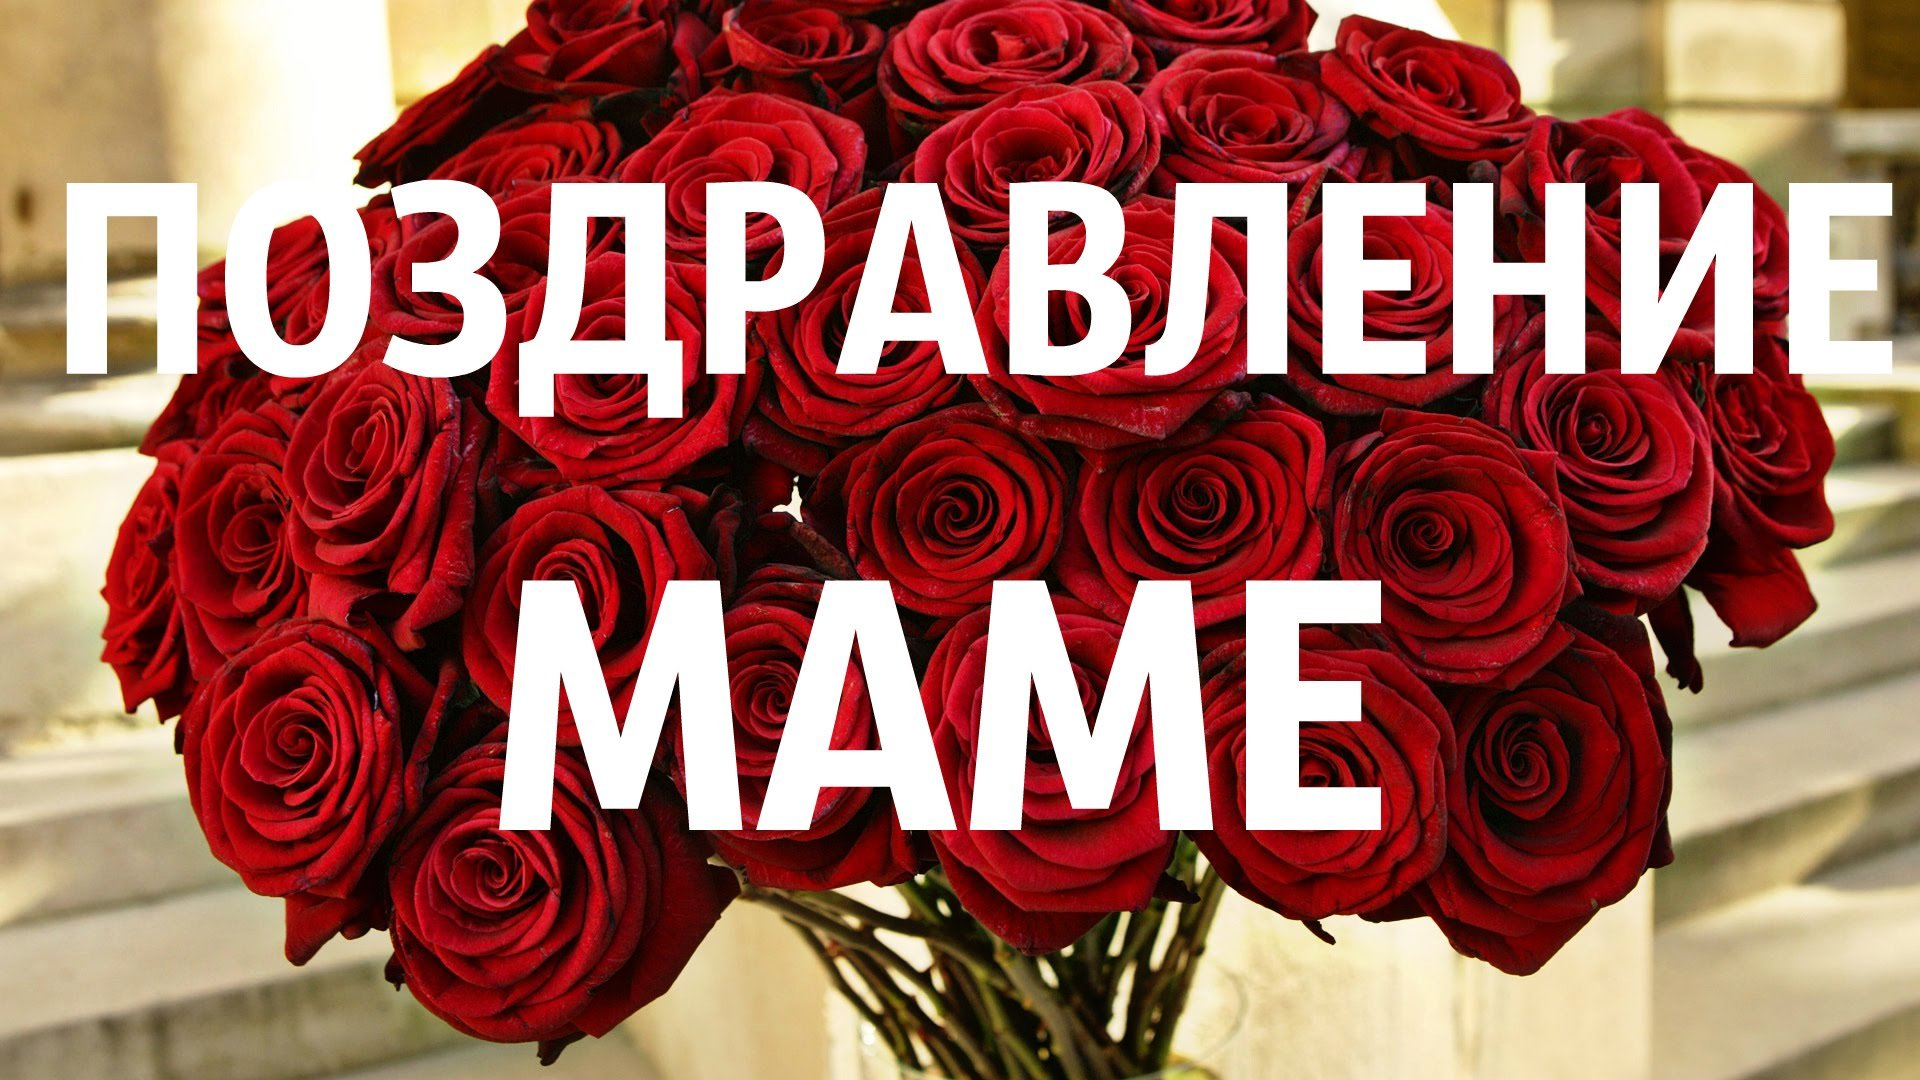 С Днем Рождения, мама! Красивая музыкальная видео. - Pinterest 64